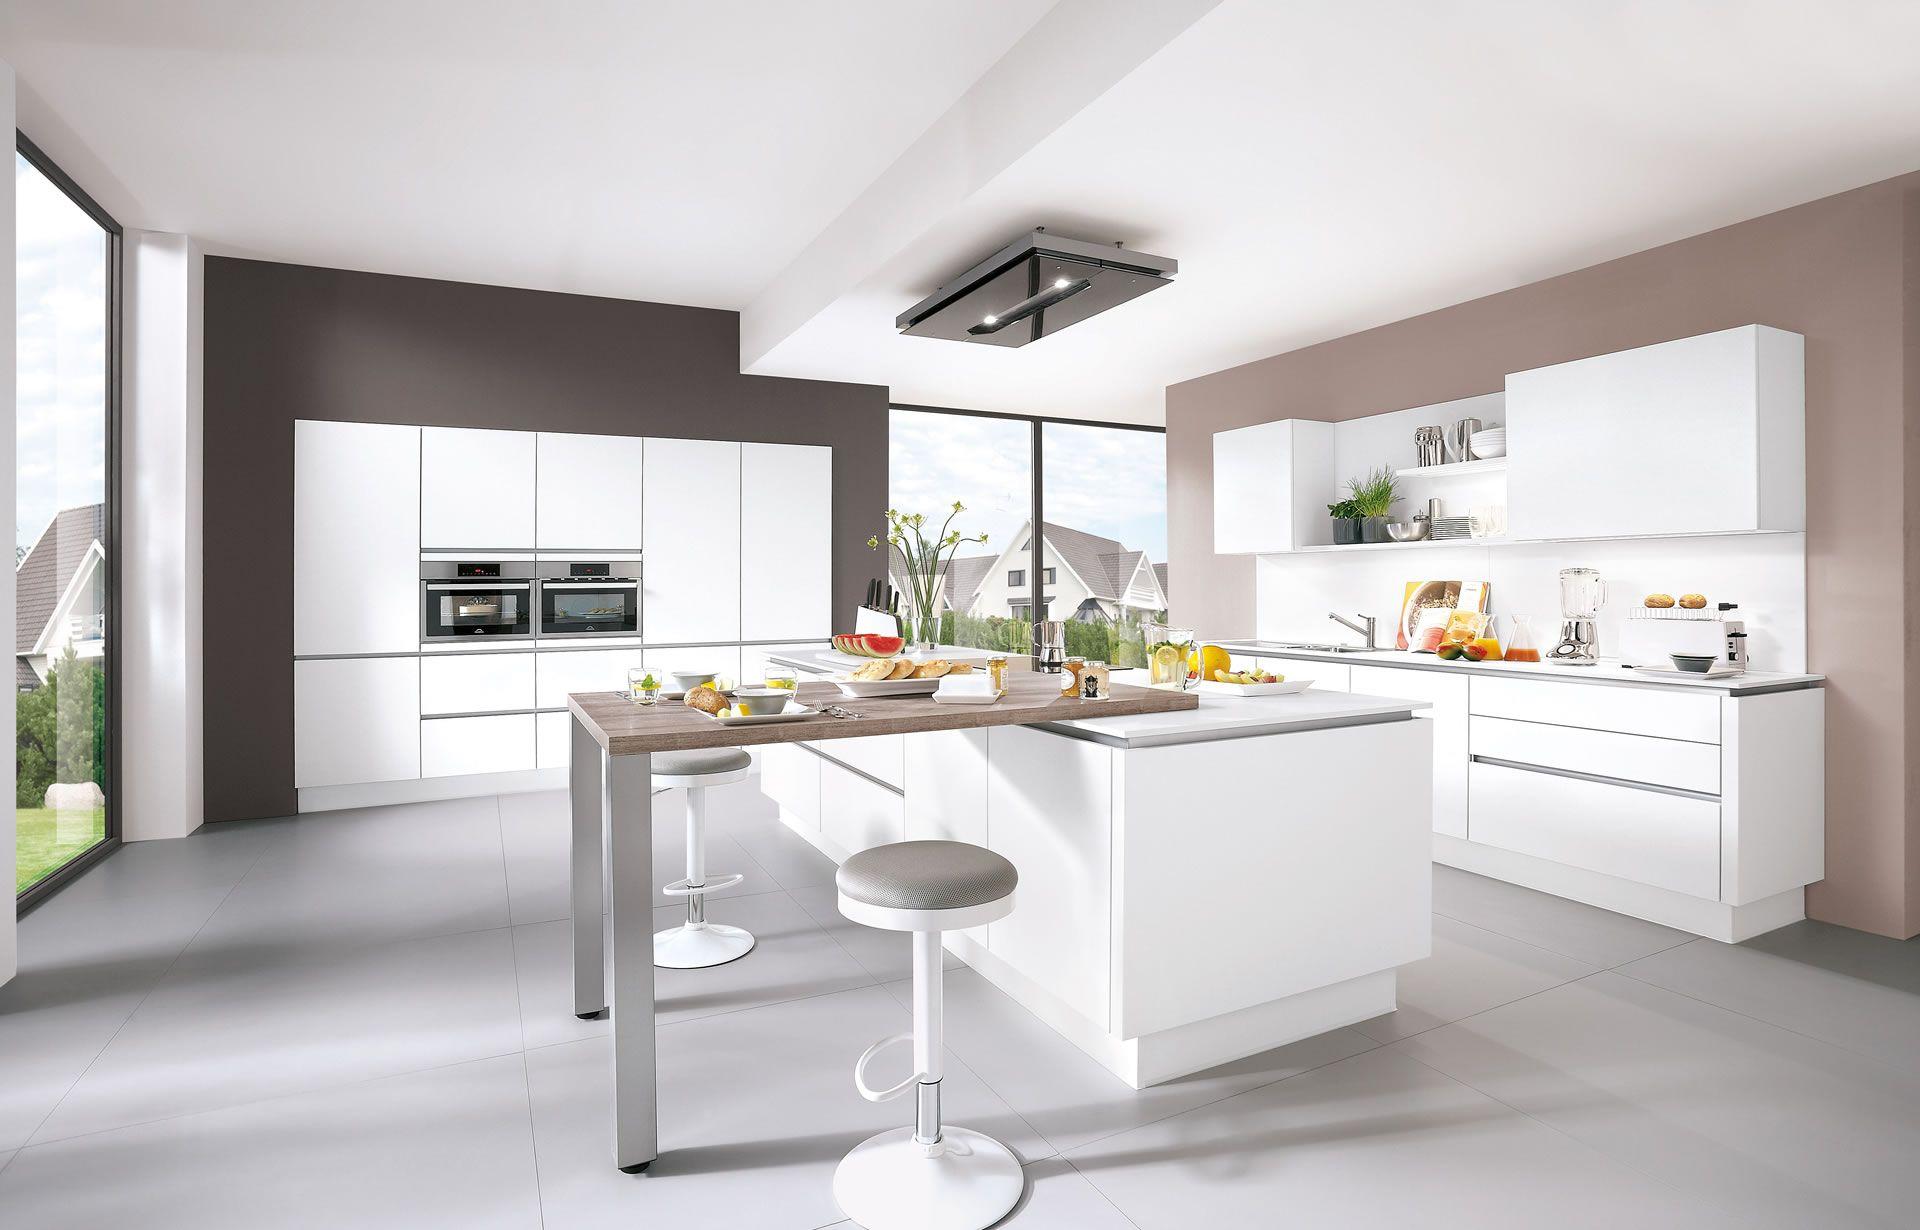 nobilia küchen planen kürzlich bild der addabfcac jpg